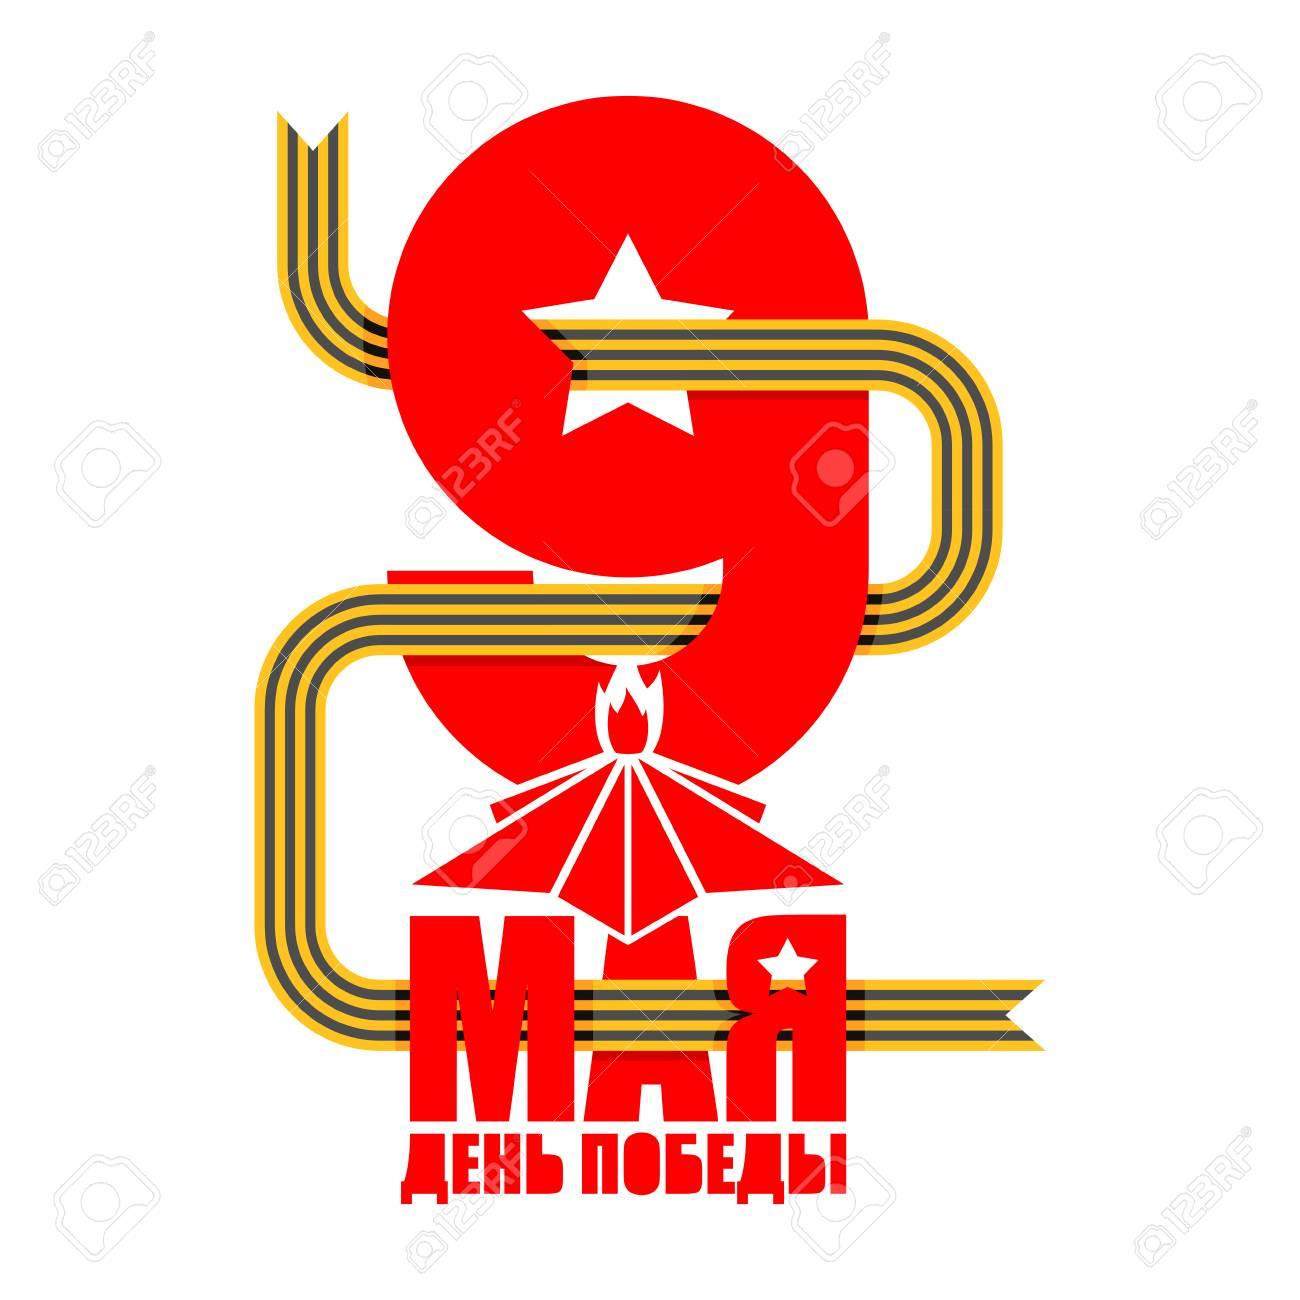 Banco русский шрифт скачать